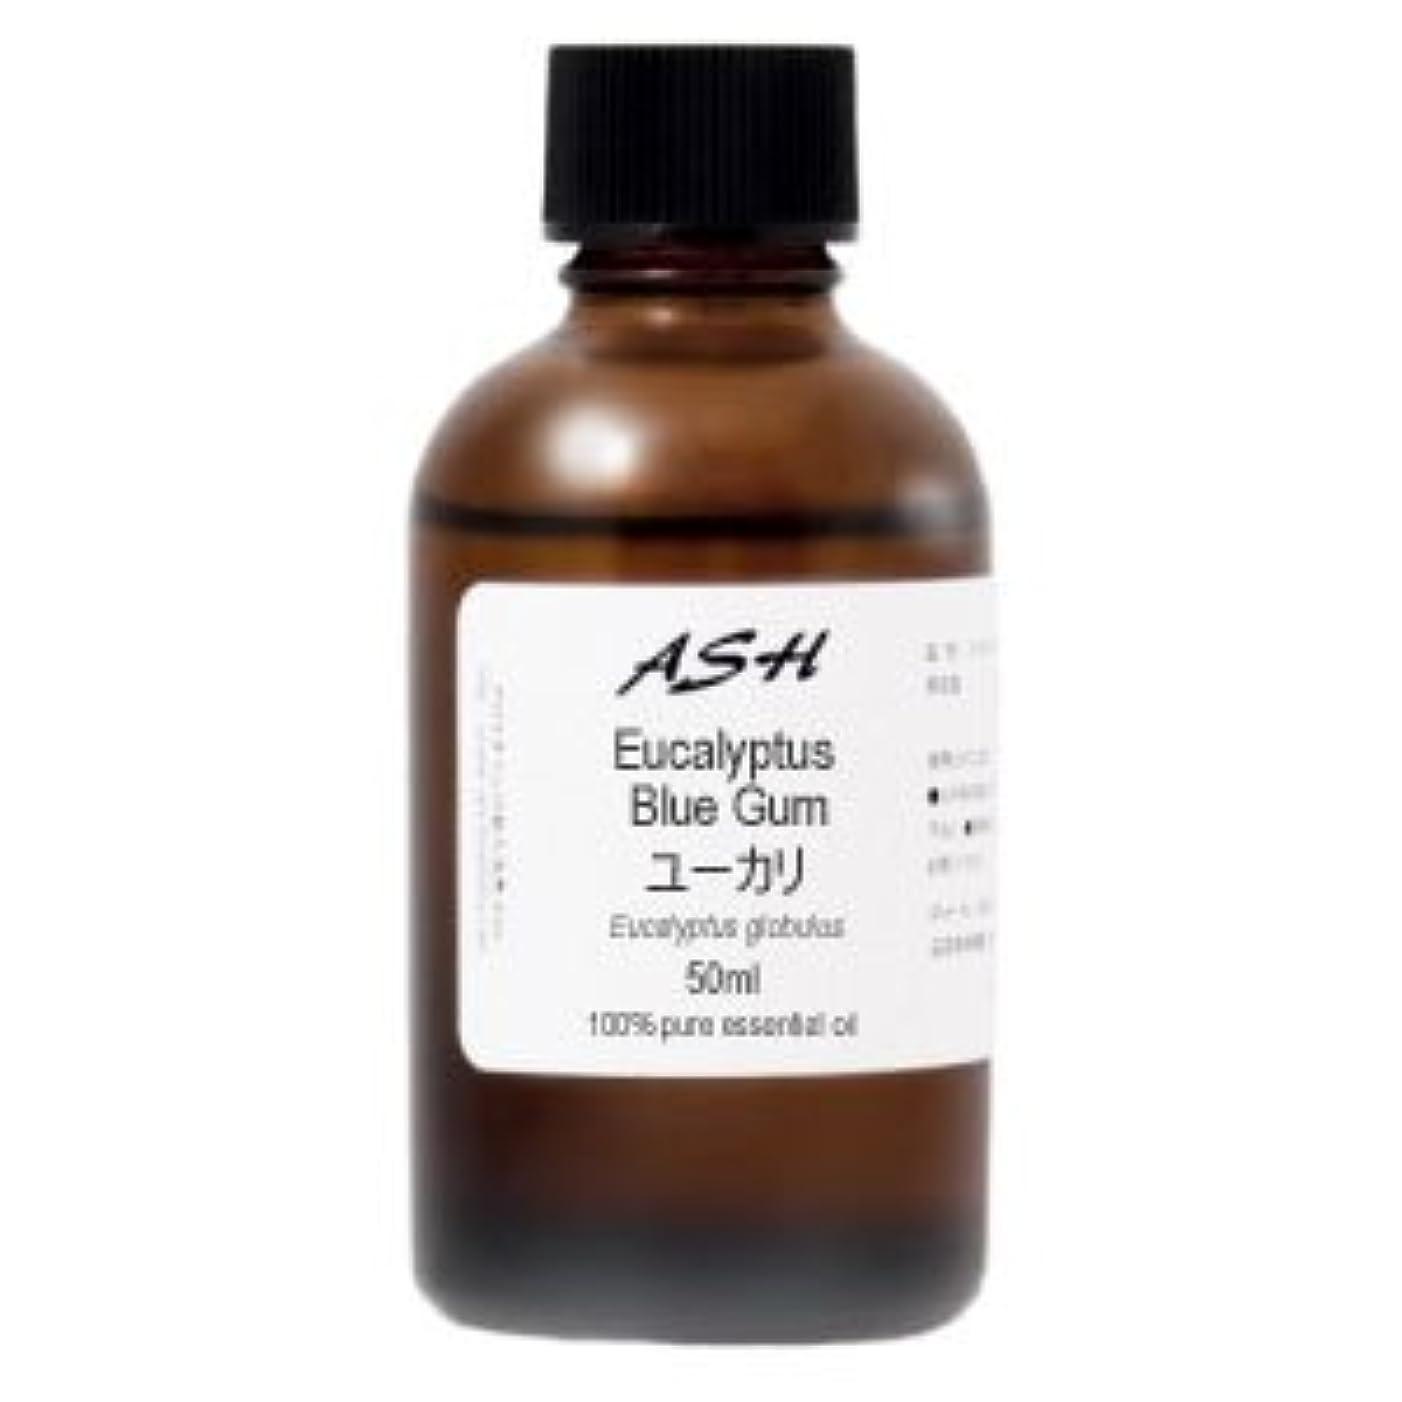 死厚い機転ASH ユーカリ エッセンシャルオイル 50ml AEAJ表示基準適合認定精油